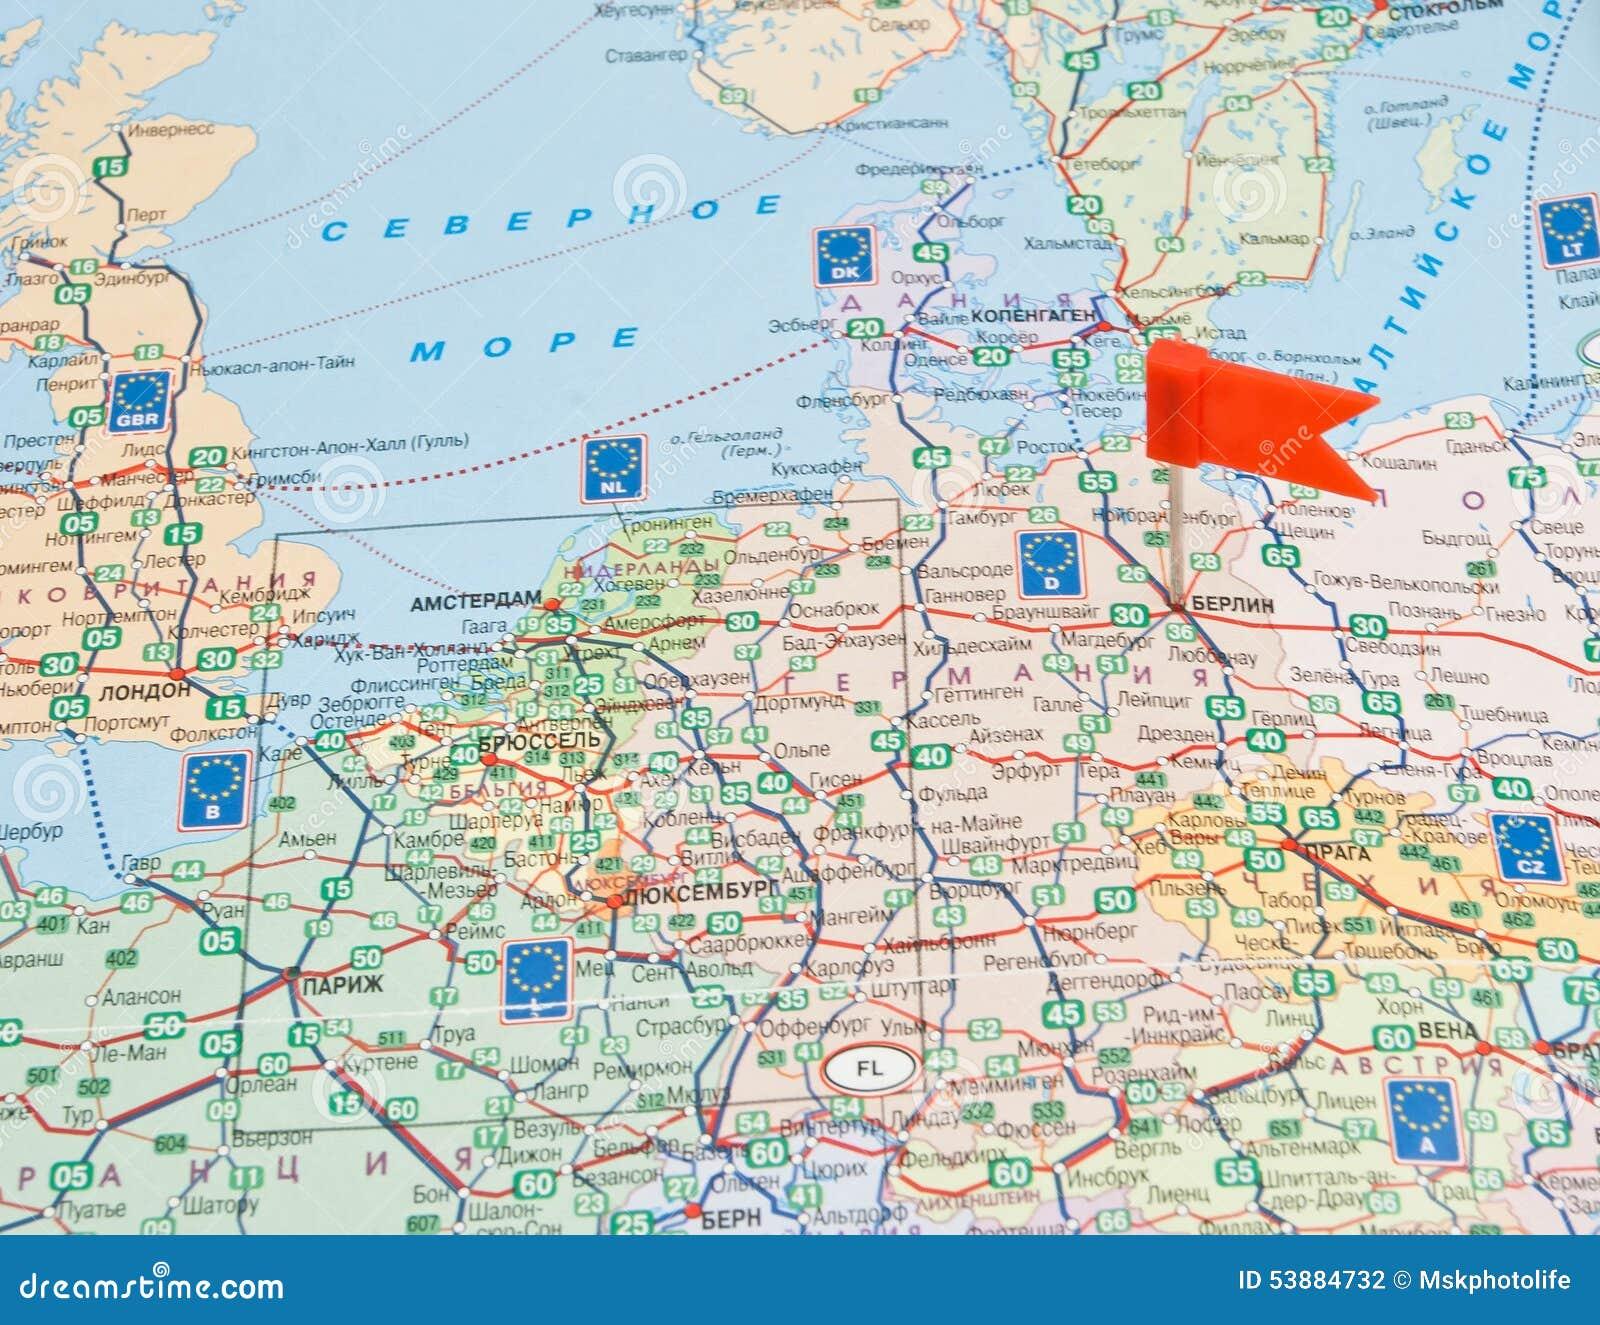 Carte Europe Routes.Carte De Route De L Europe Avec La Note Au Sujet De L